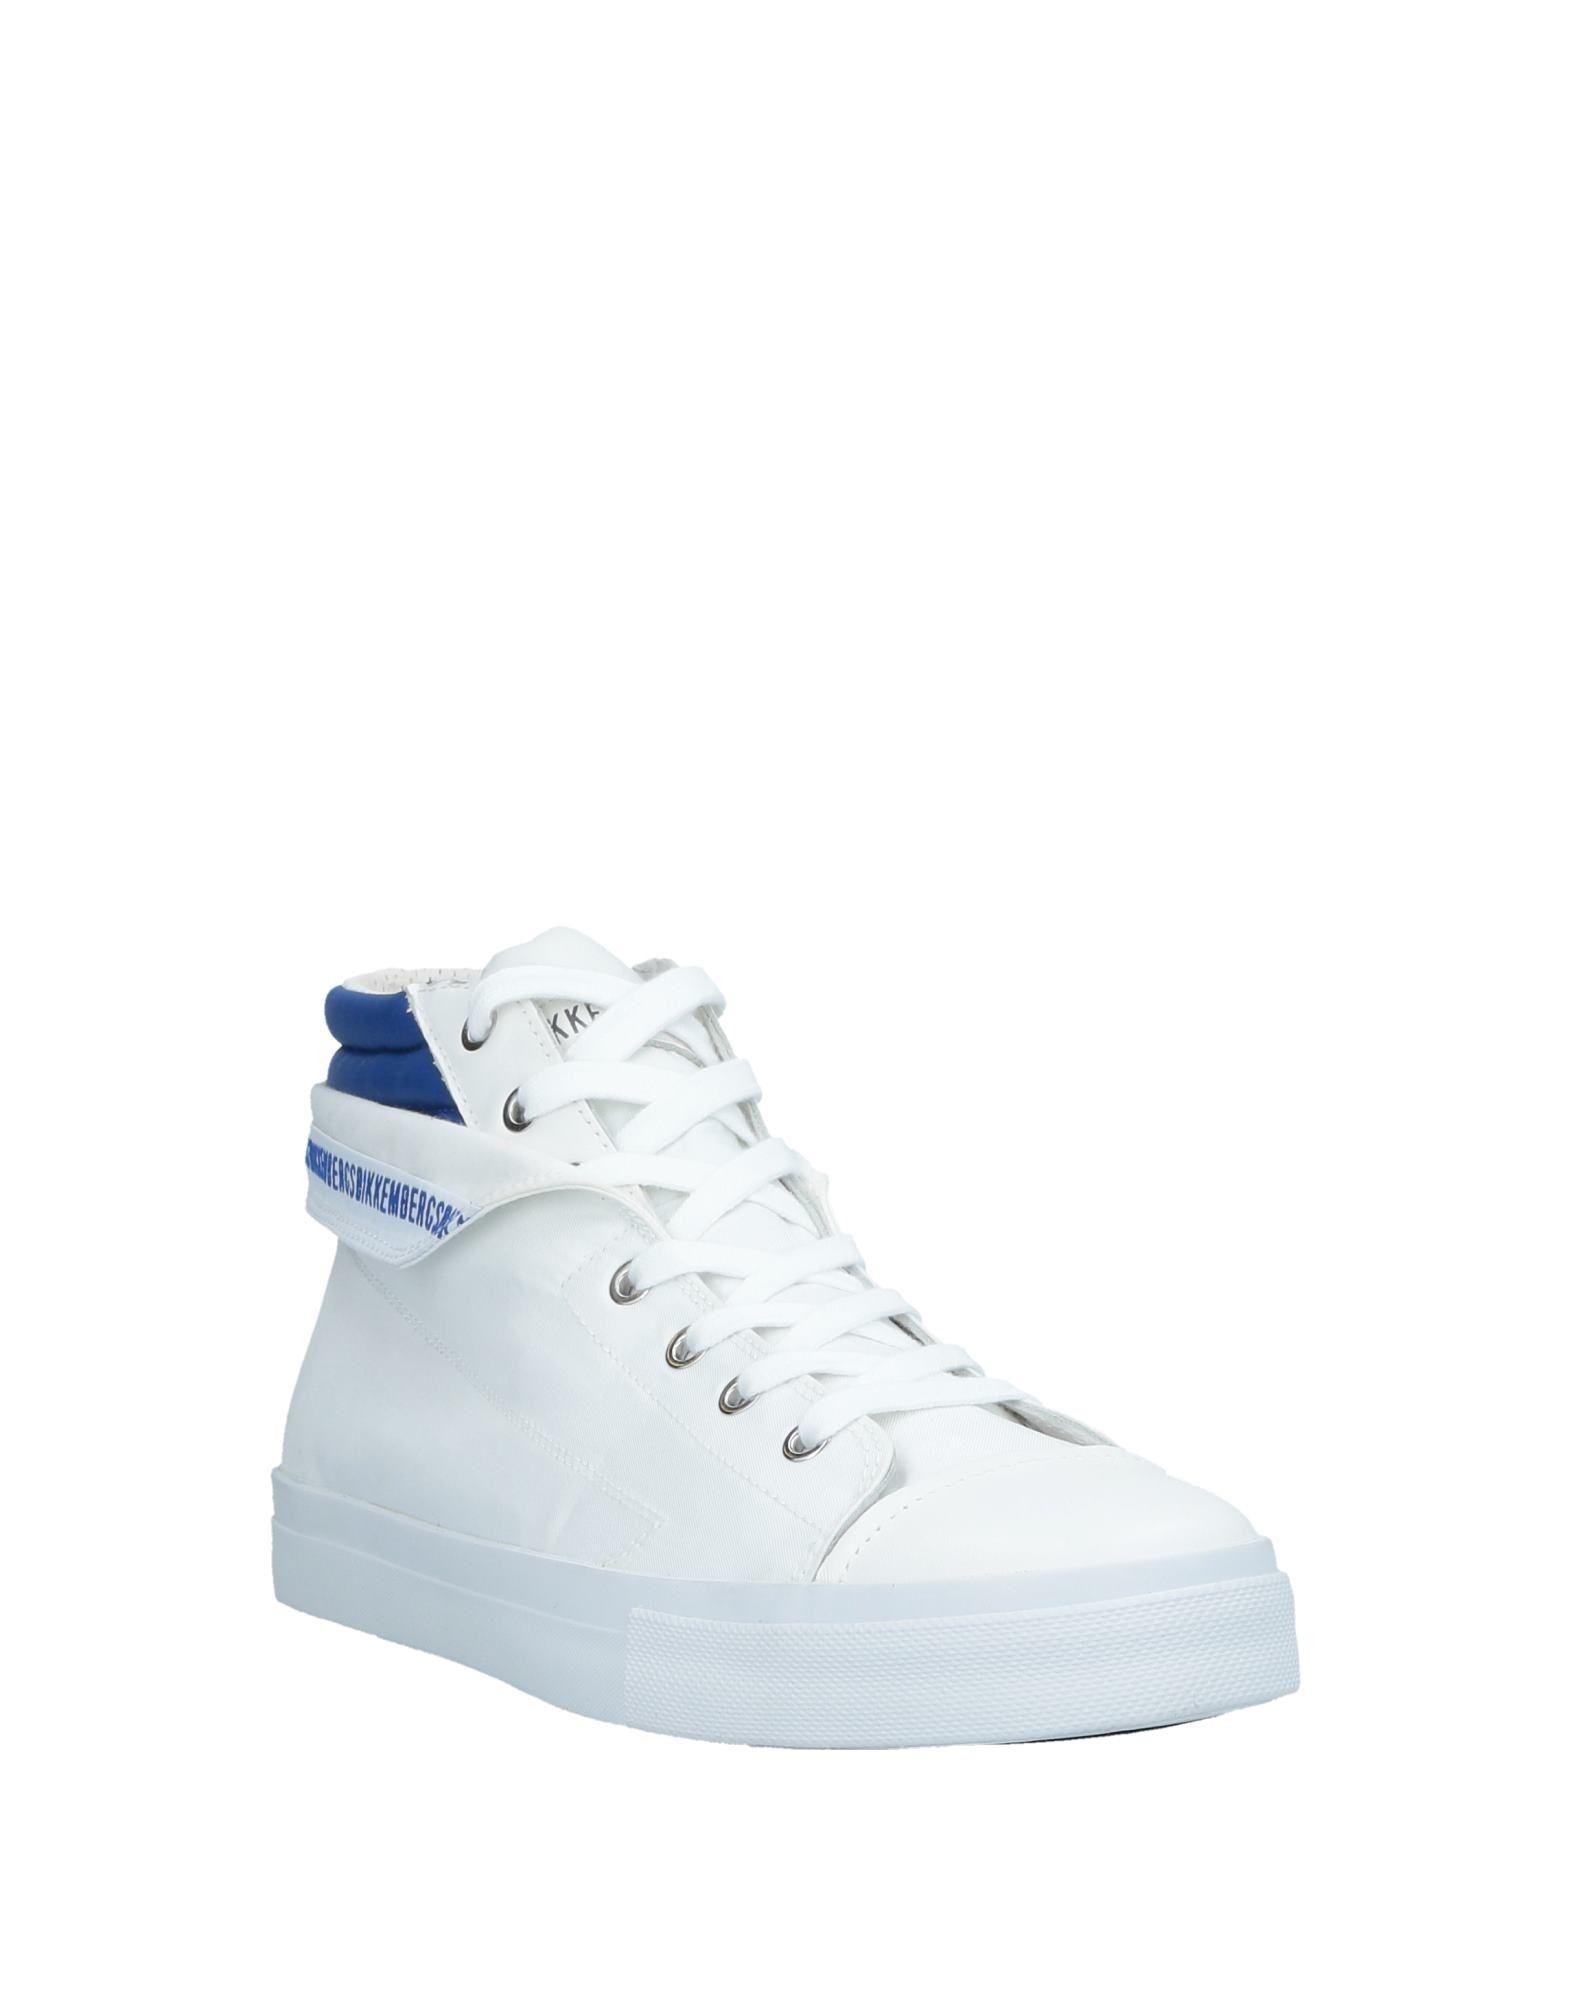 Rabatt Herren echte Schuhe Bikkembergs Sneakers Herren Rabatt  11522096VO b349fa